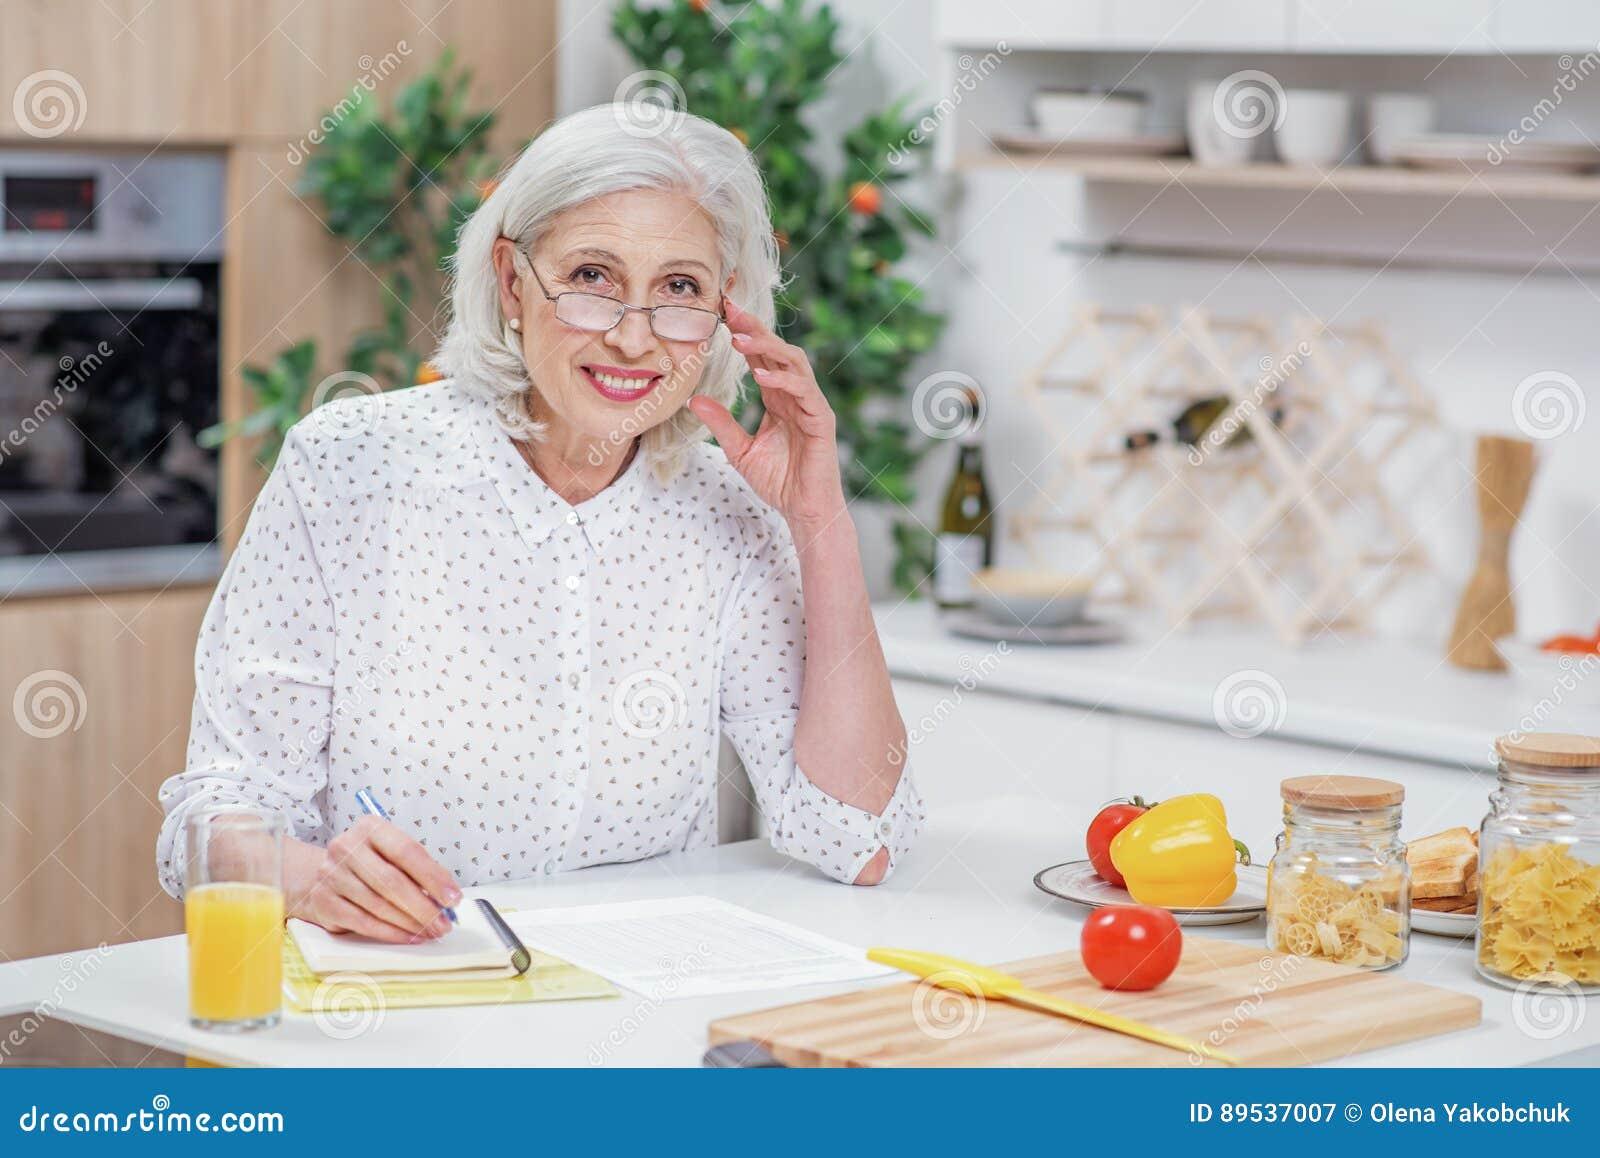 Жизнерадостная старшая домохозяйка высчитывая отечественные расходы